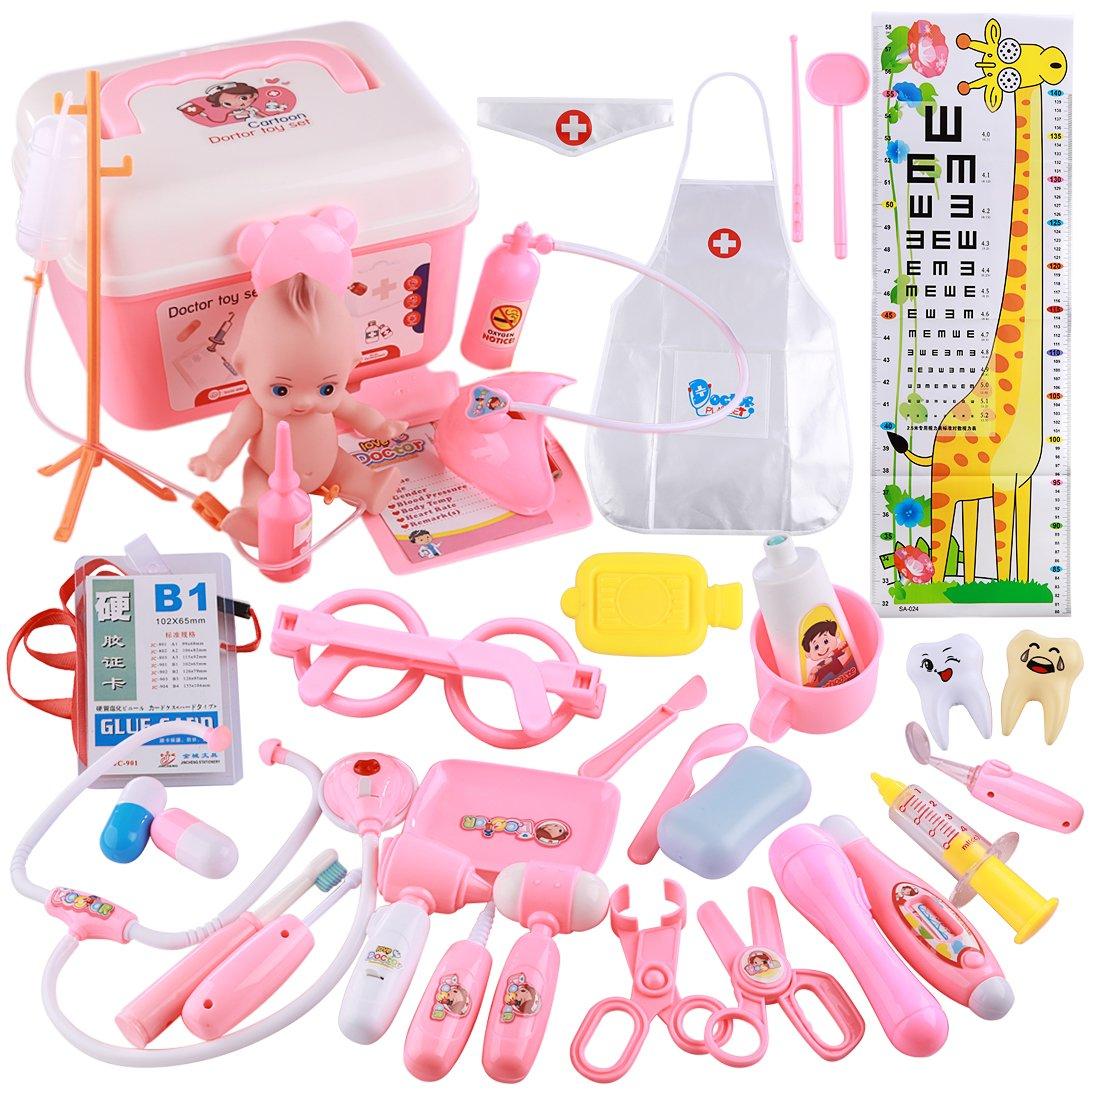 WEIZQ 37er Set Arztköfferchen Doktor Kinder Doktorkoffer Spielzeug Kinderarztkoffer Arztkoffer für Kinder ab 3 Jahren